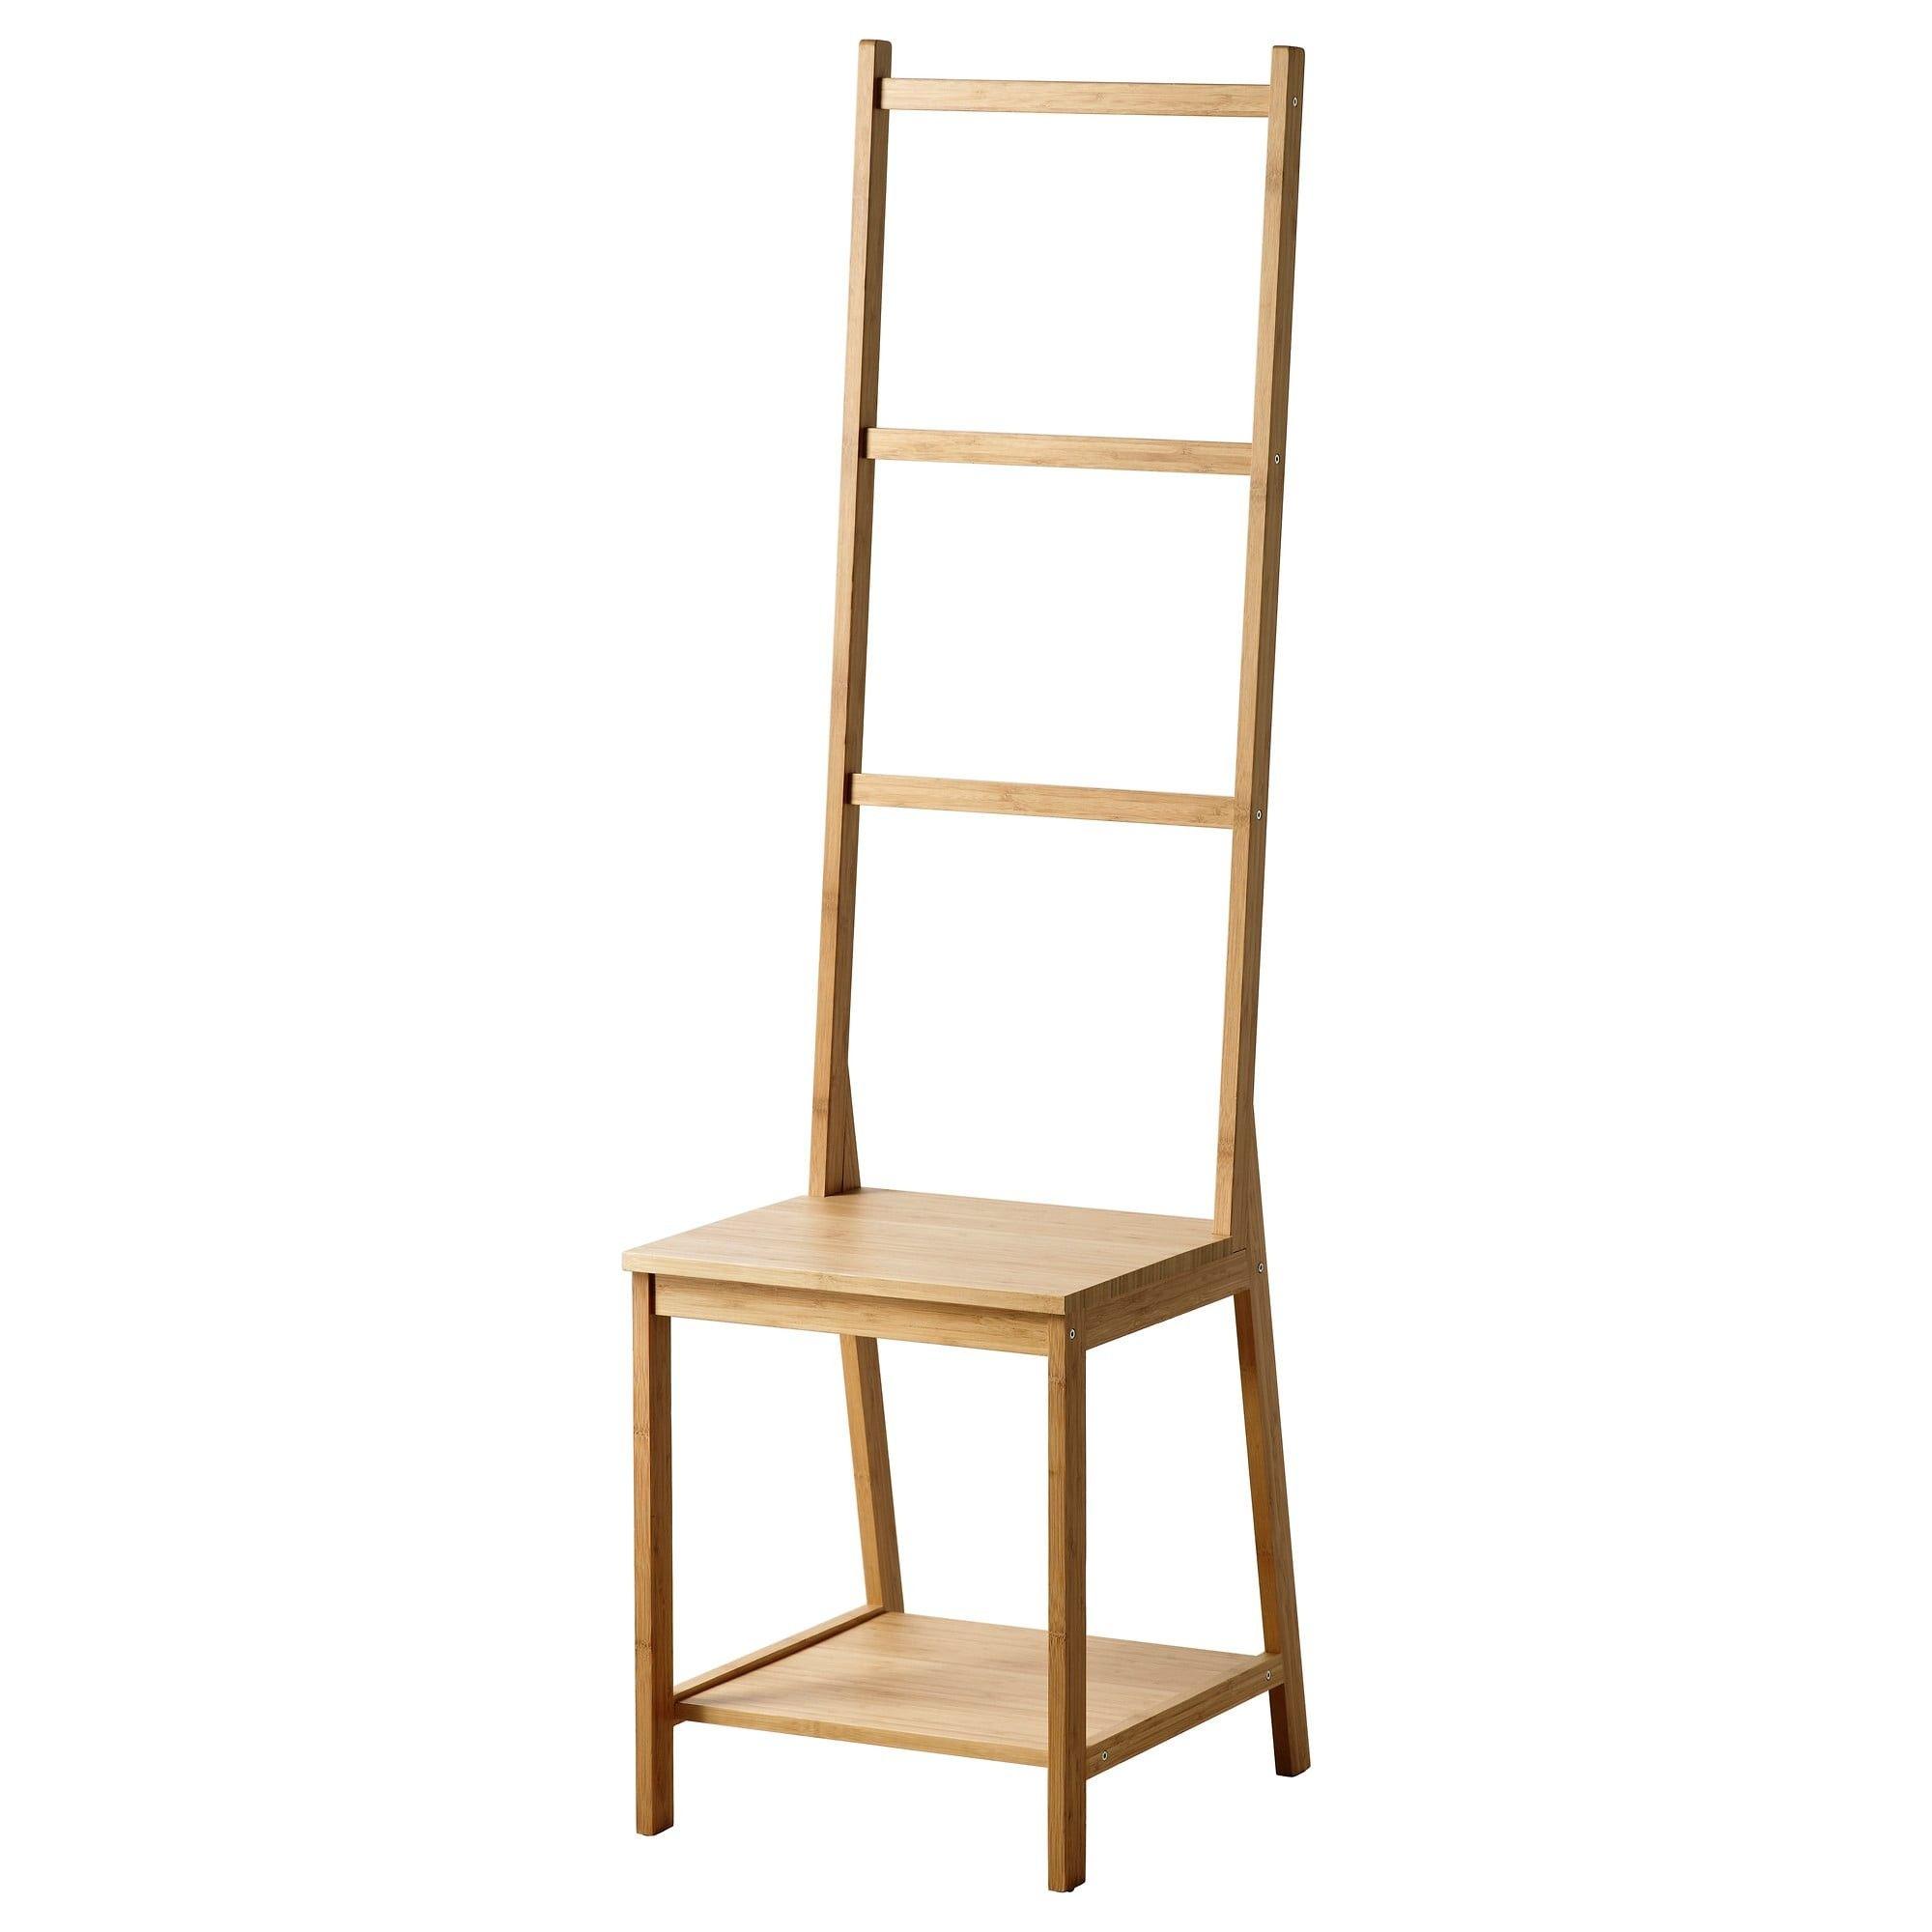 So Einfach Lasst Sich Ein Kleines Badezimmer Modern Gestalten Ikea Badzubehor Handtuchhalter Bambus Ragrund Ikea